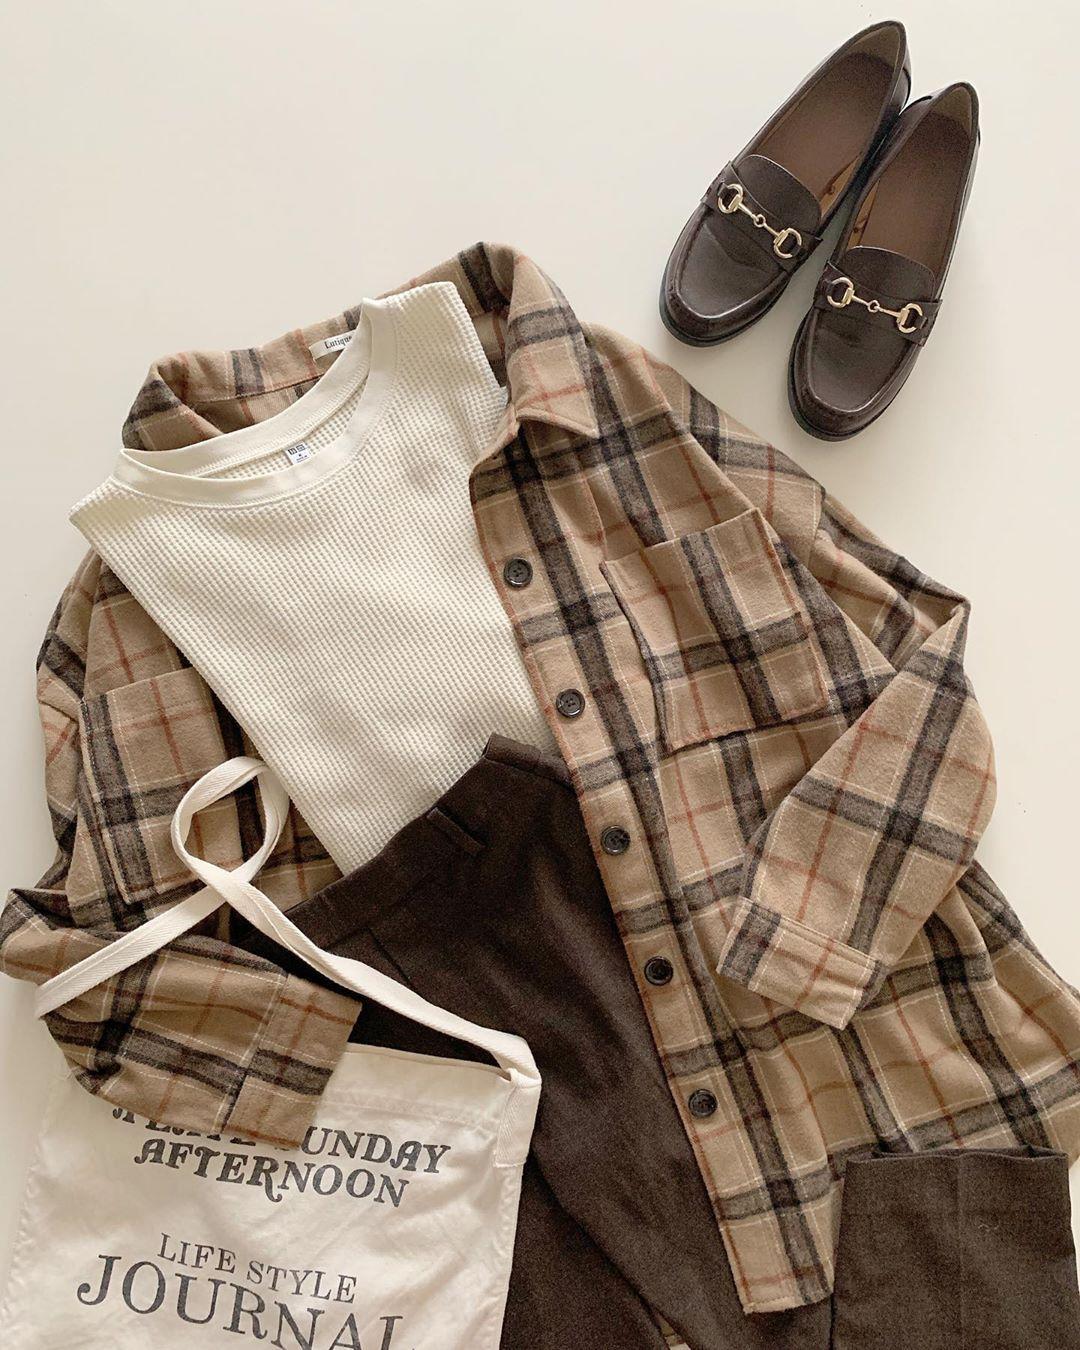 きれいめorカジュアルキャラ別チェック柄コーデ集 ファッションアイデア カジュアル チェック柄シャツ